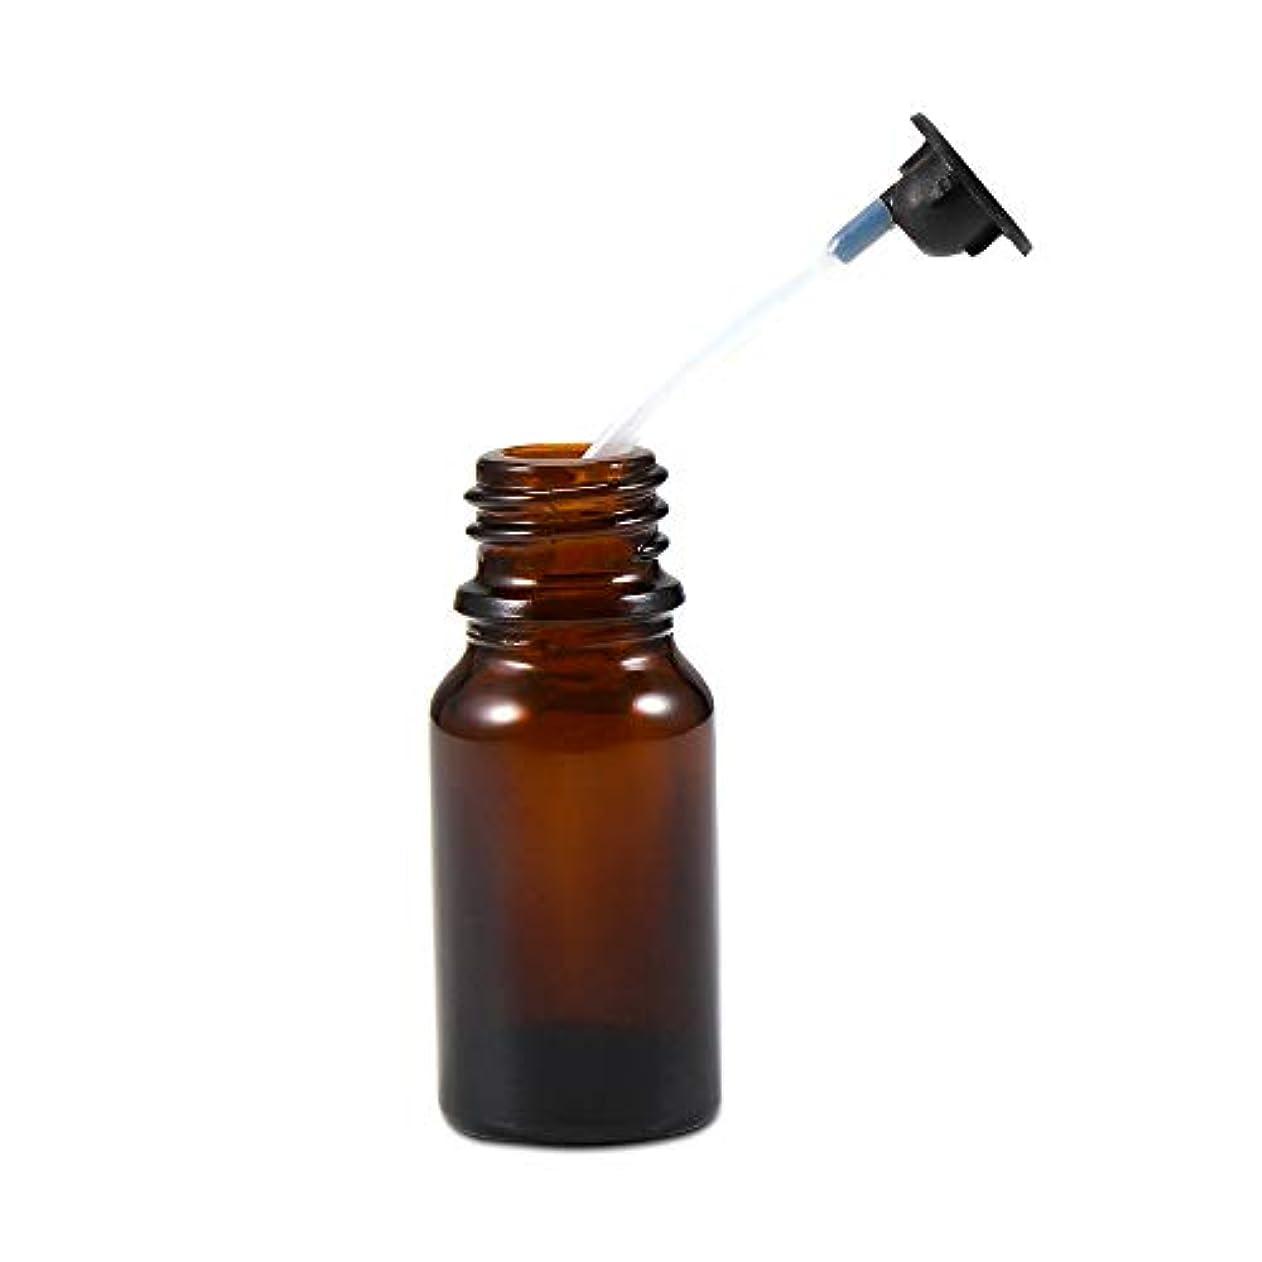 うなる誤解を招く突然Caseceo エッセンシャルオイル ボトルとノズル 交換用 アクセサリー 数量1